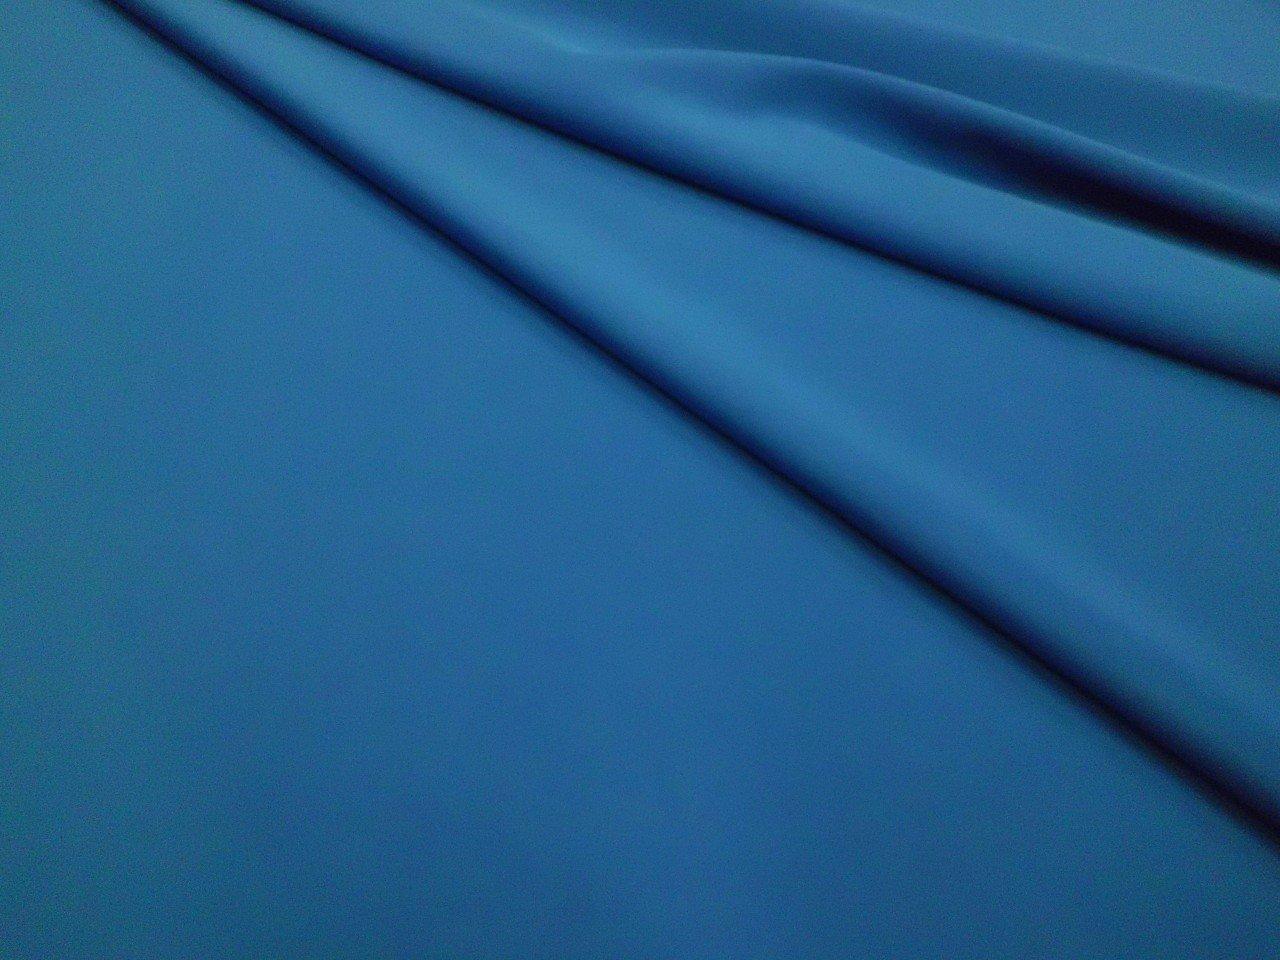 Polyester & Lycra Techno Knit in Royal